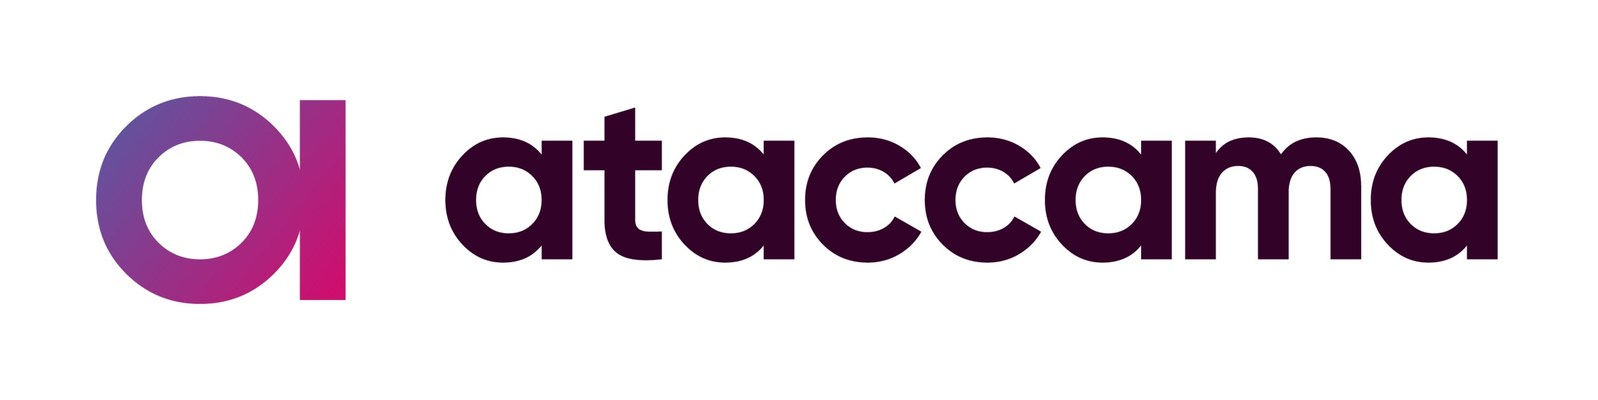 www.ataccama.com